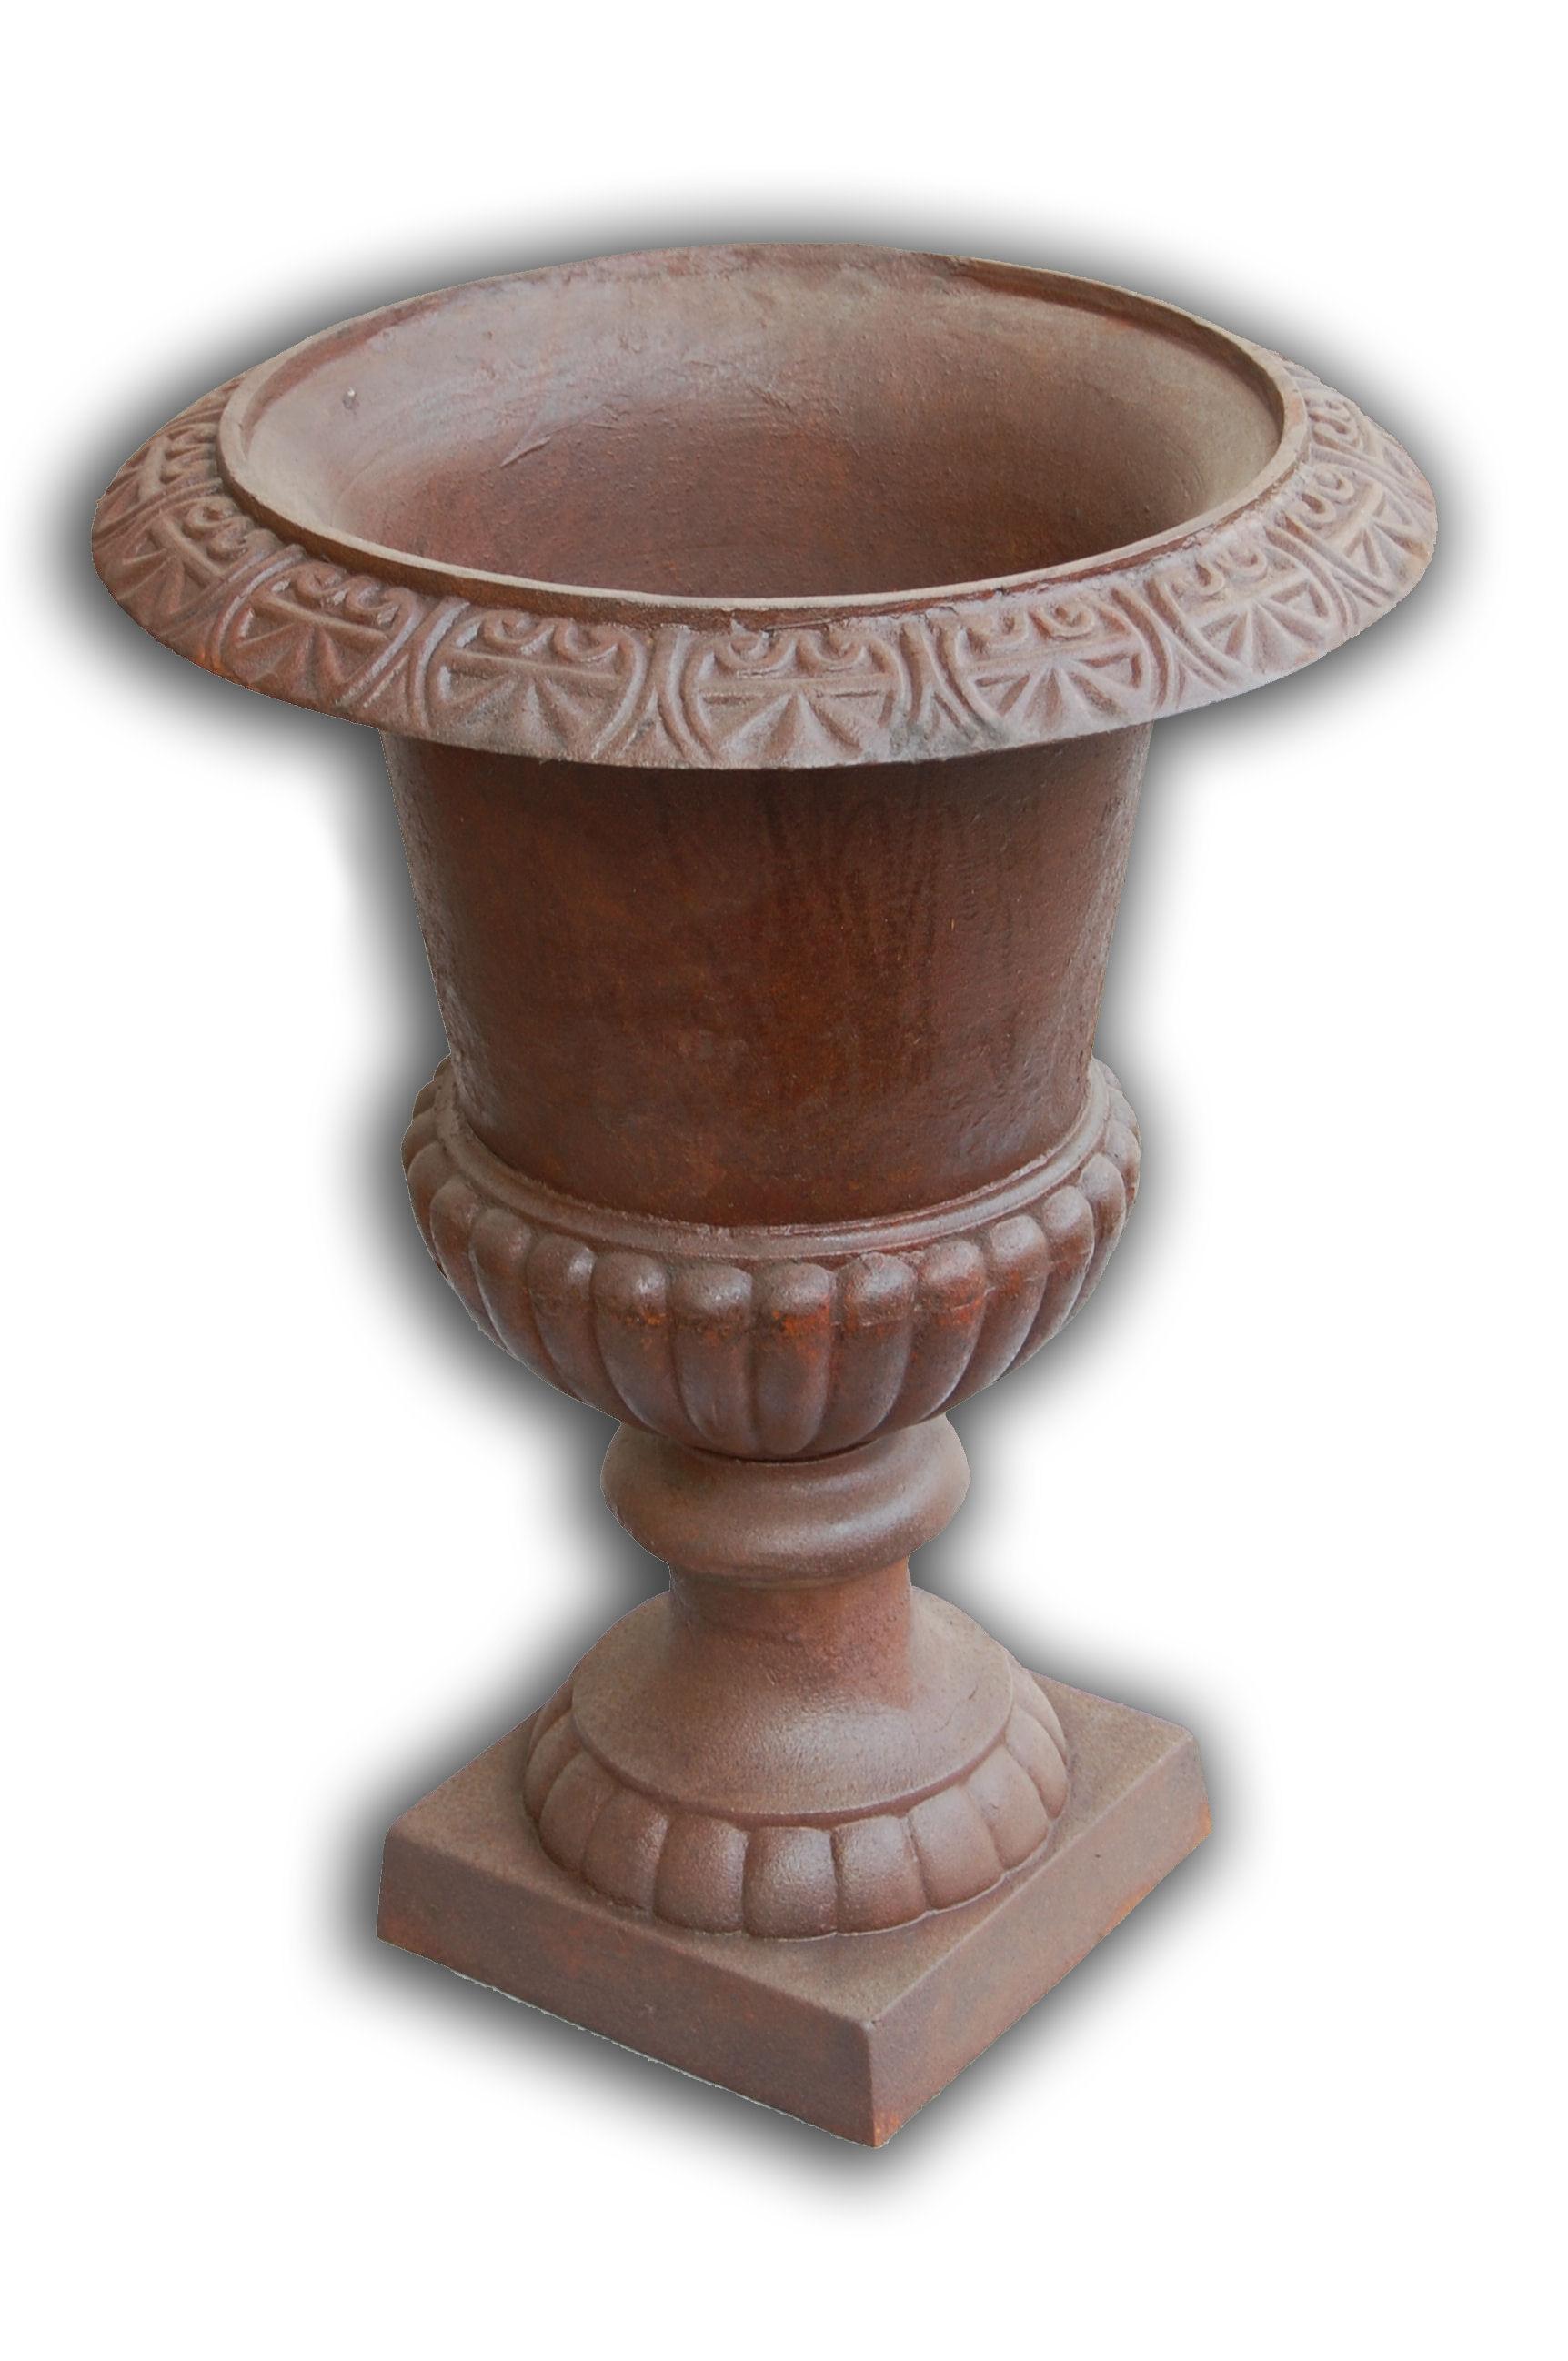 Vase - 2-1, 2-2, 2-3, 2-4A.JPG